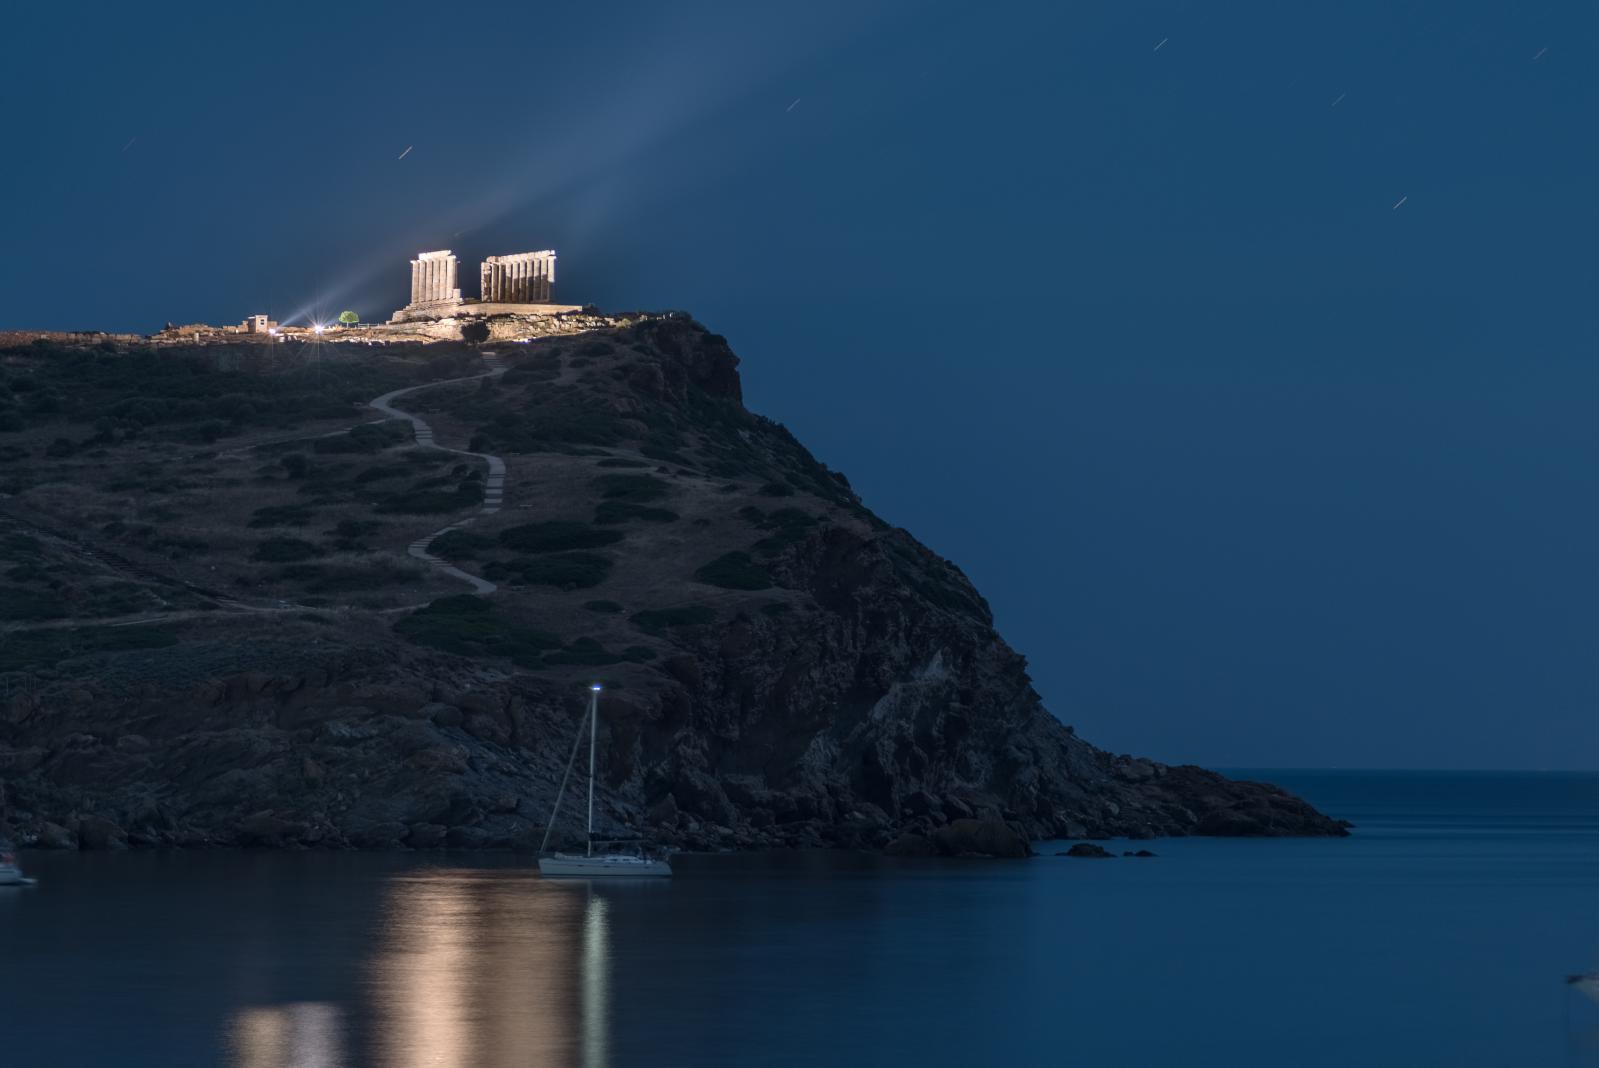 Temple of Poseidon in cape Sounio at night